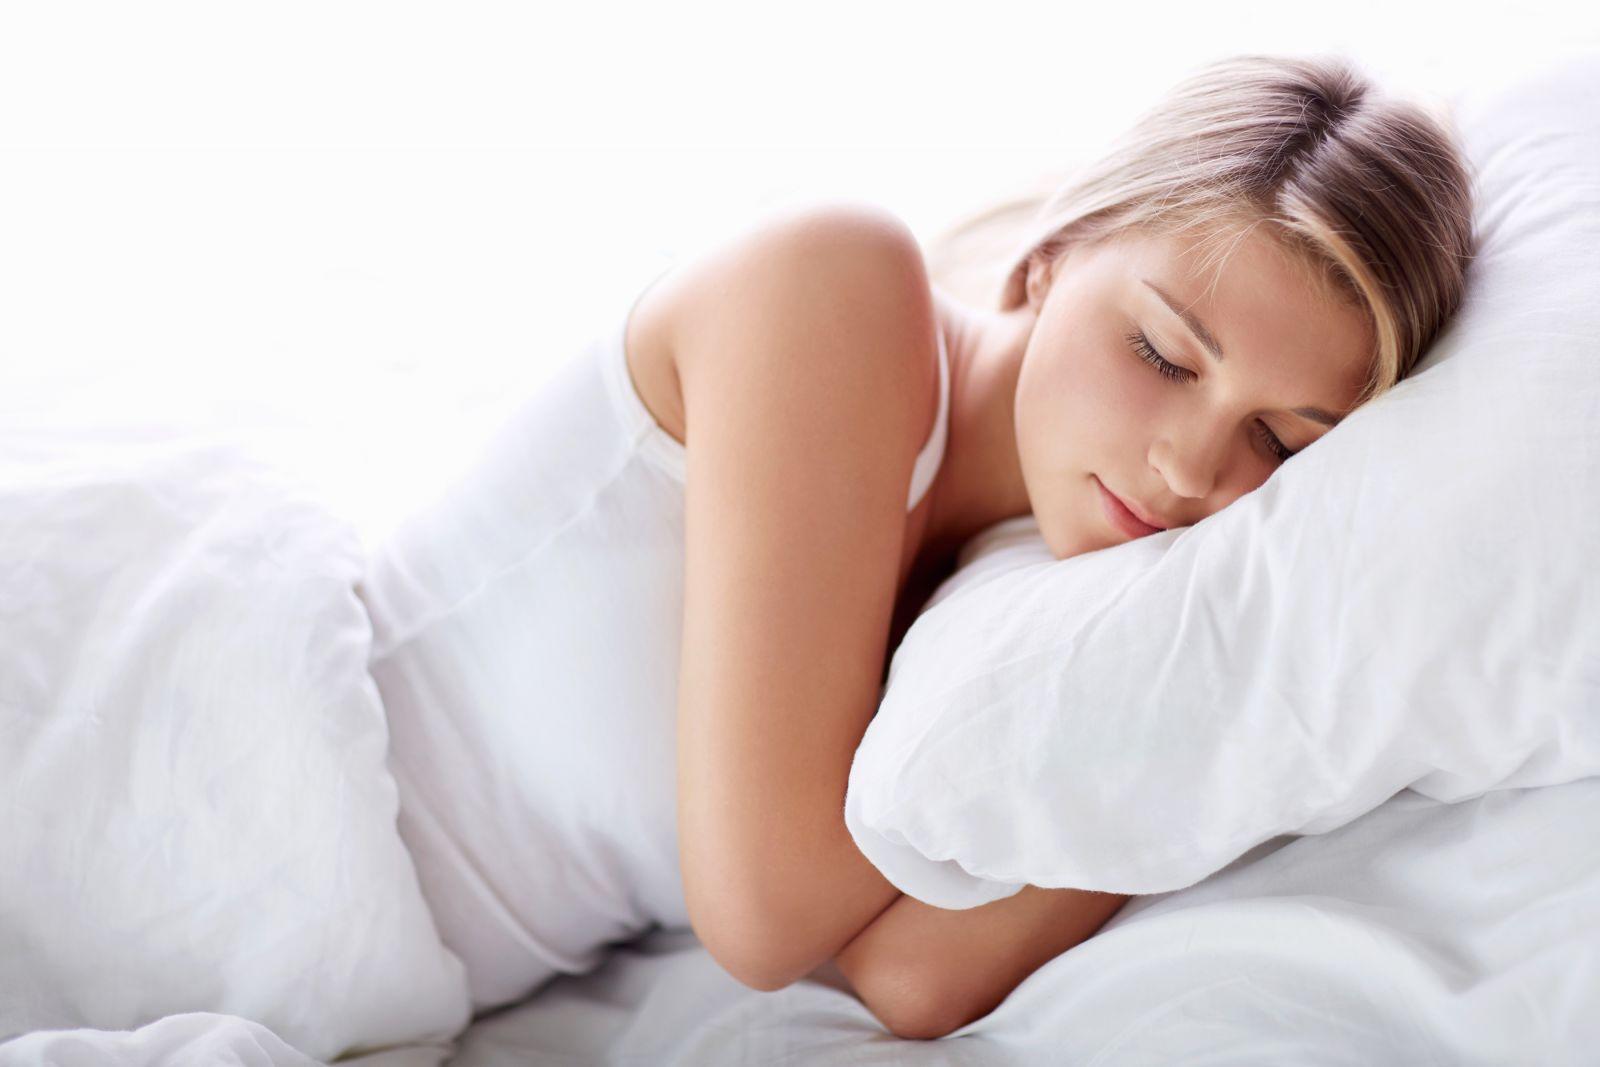 Ngủ đúng giờ đủ giấc để có một sức khỏe tốt